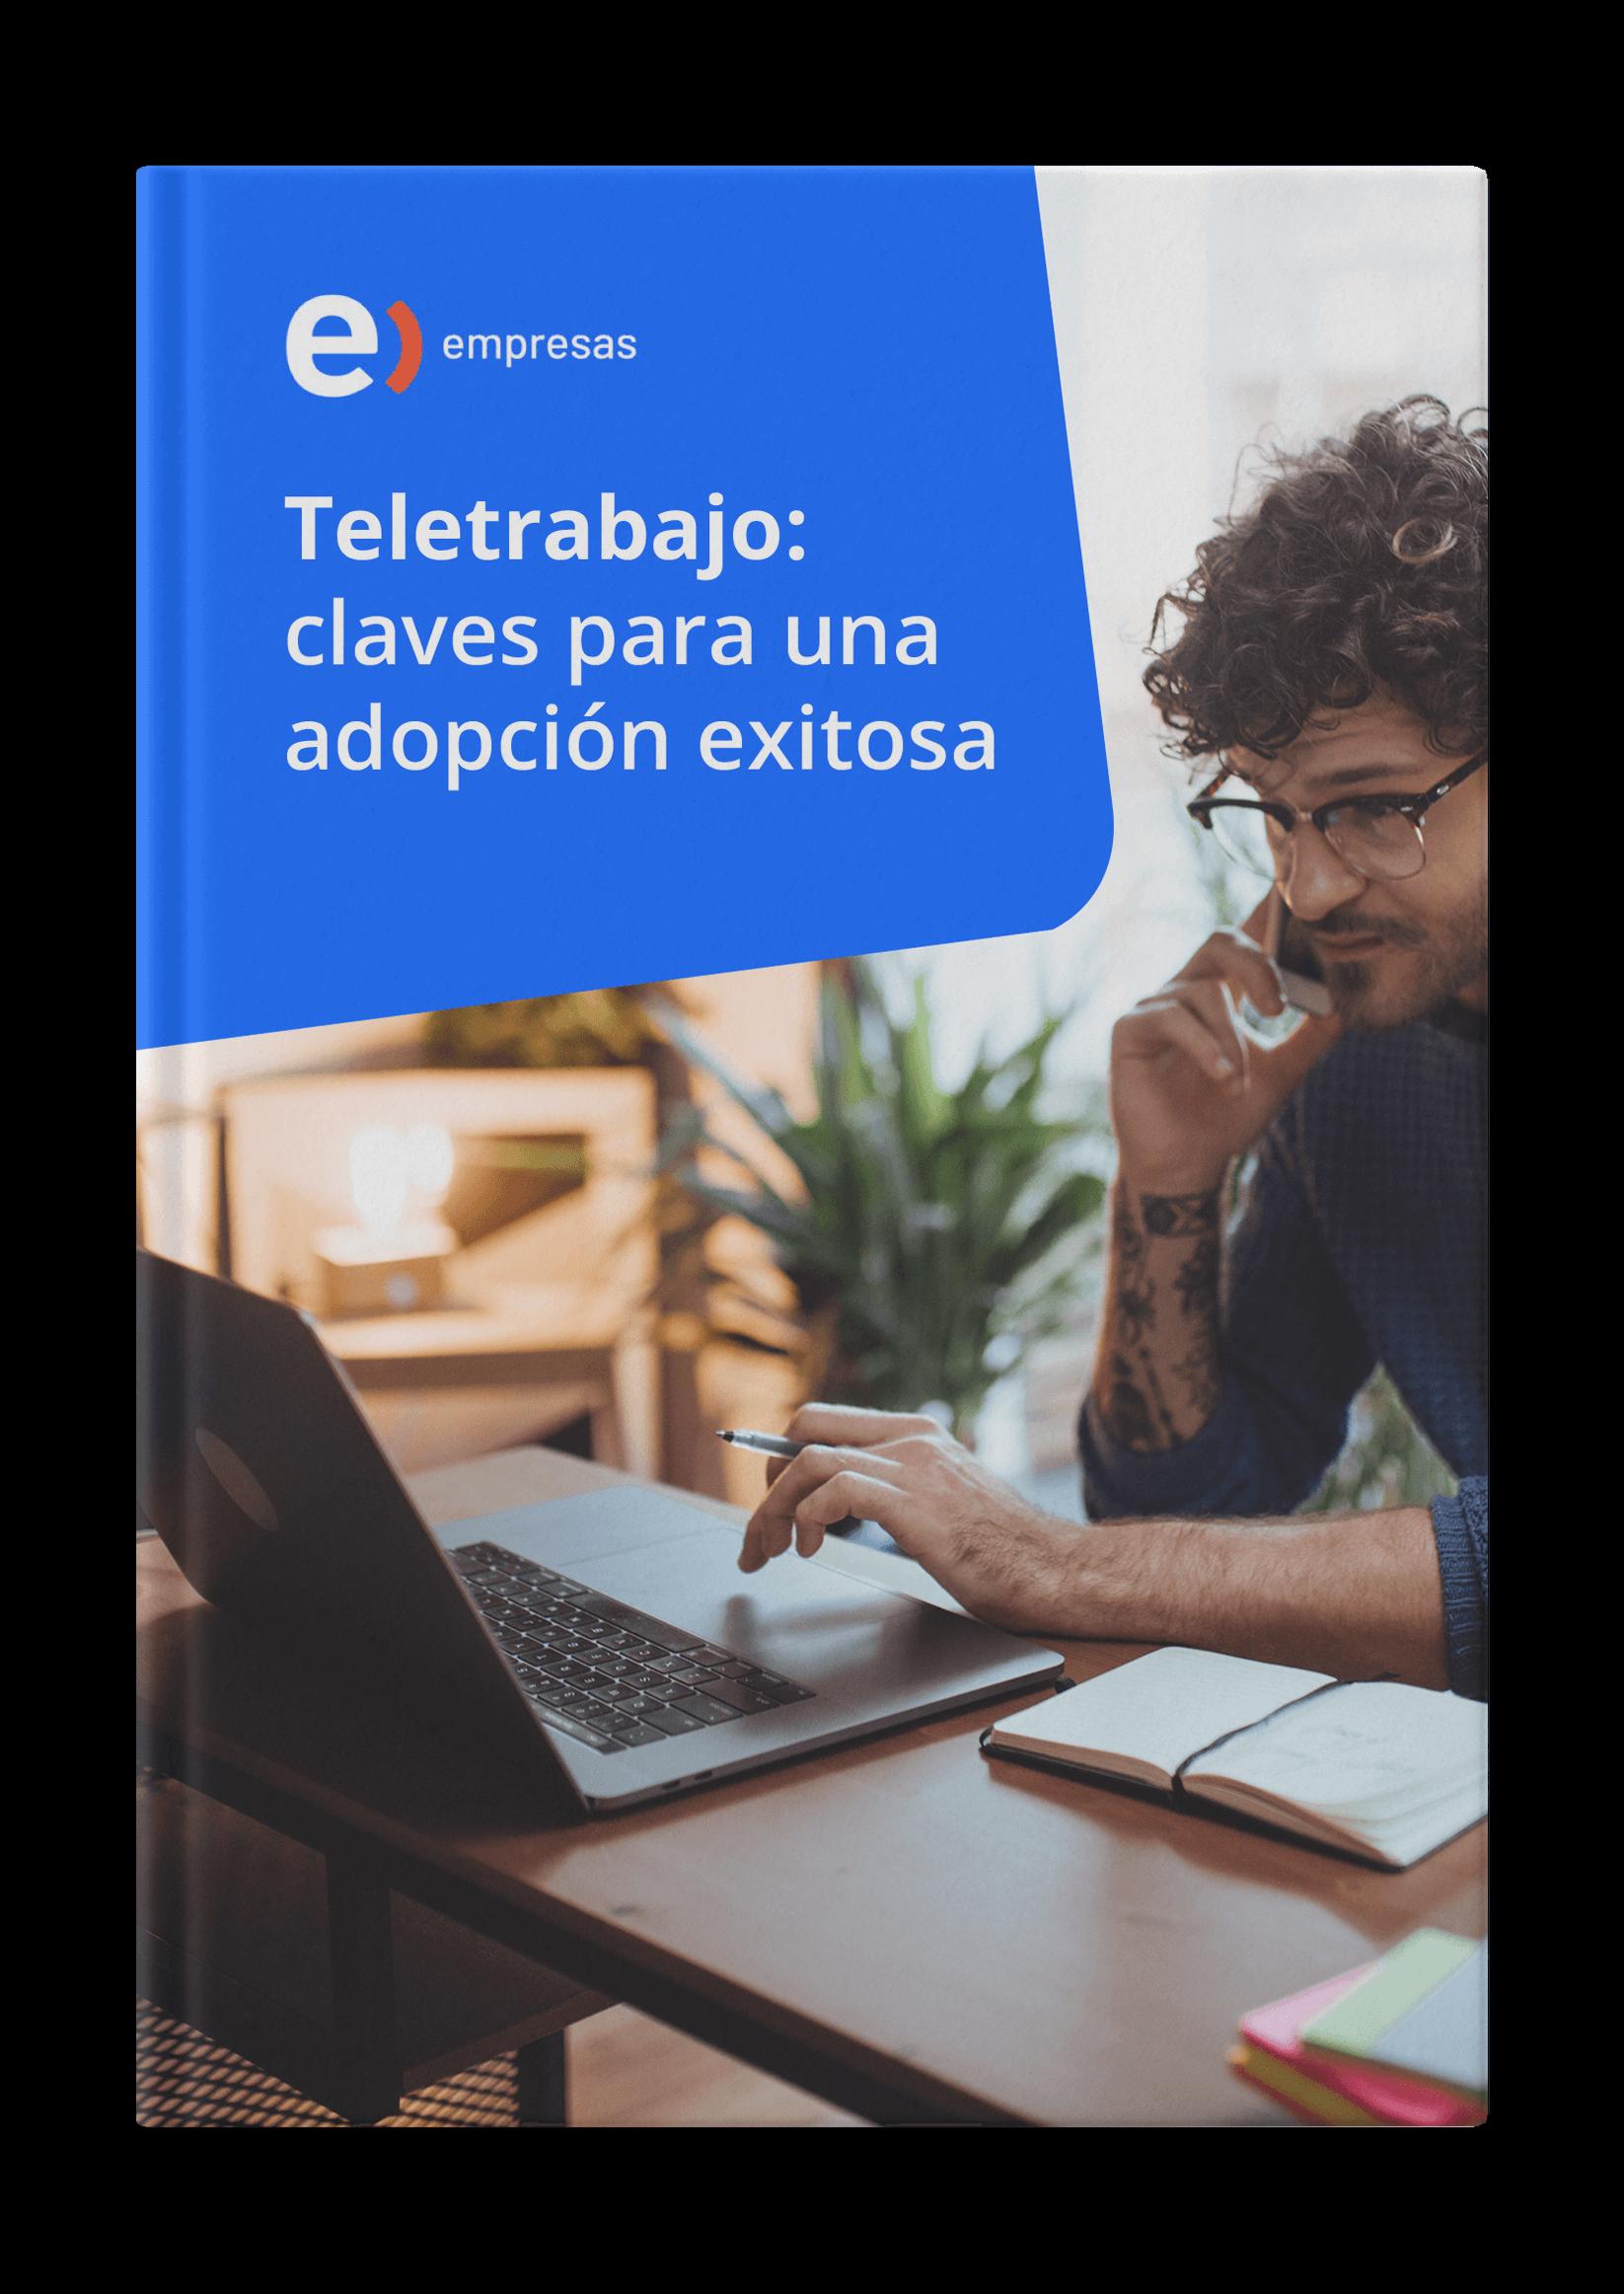 ENT_-_Portada_3D_-_Teletrabajo